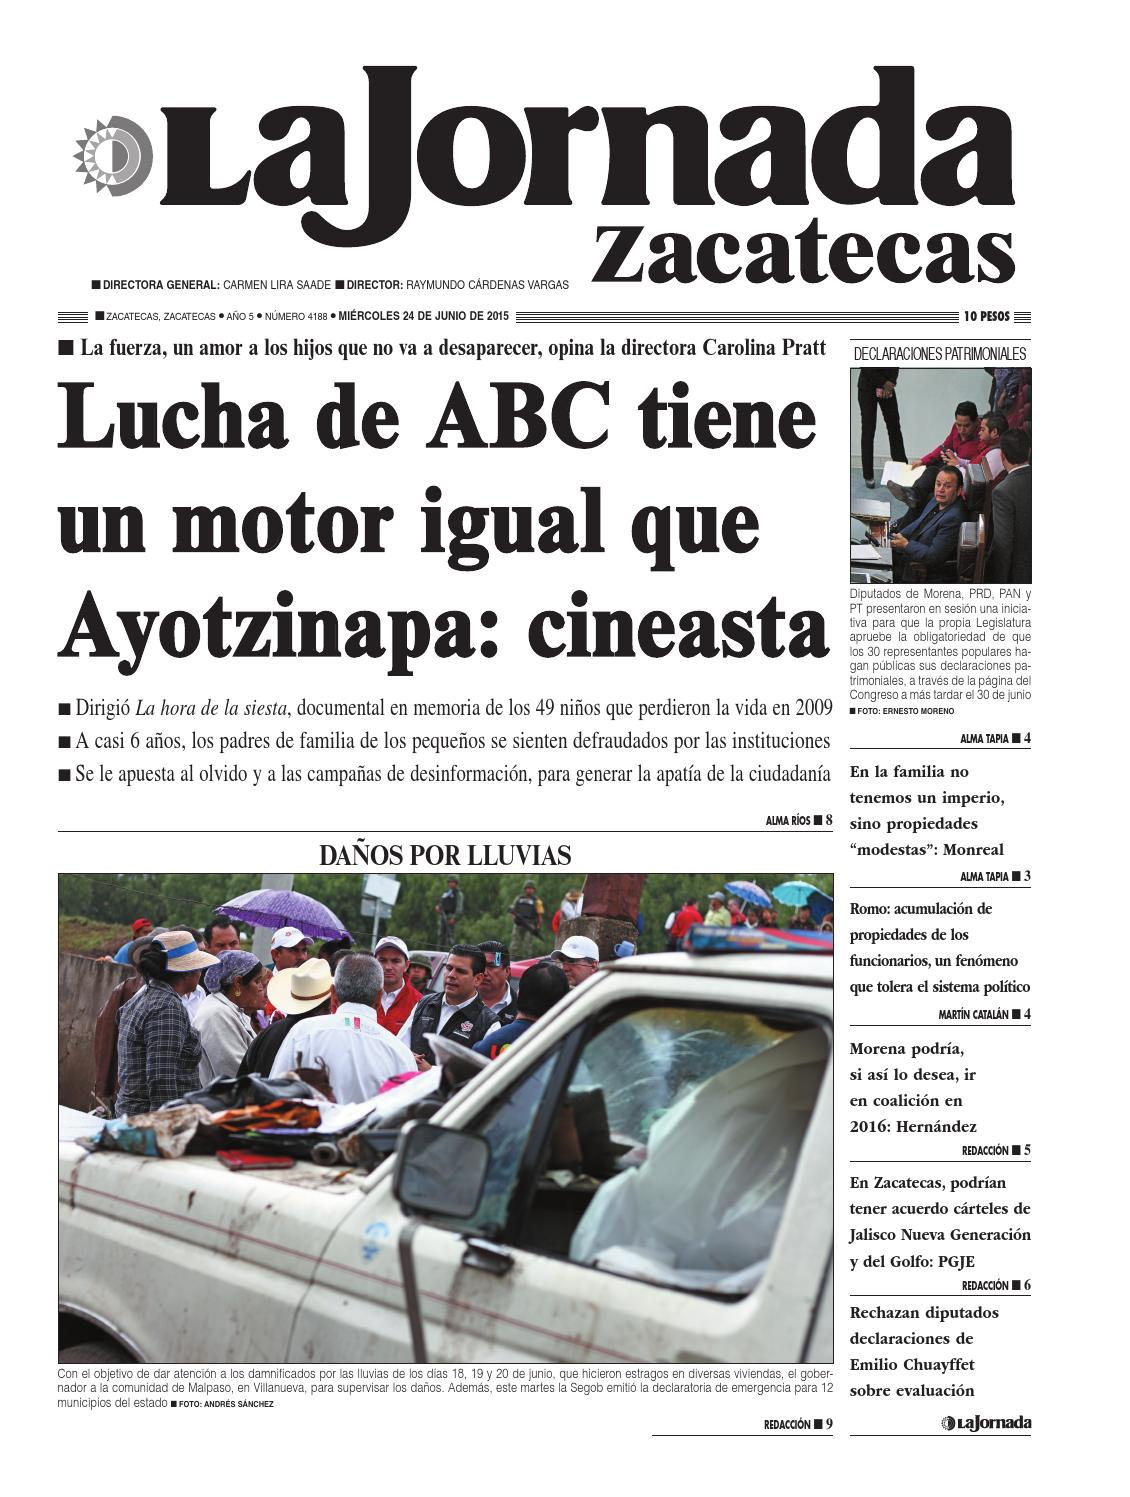 La Jornada Zacatecas Mi Rcoles 24 De Junio Del 2015 By La Jornada  # Muebles Tumoine